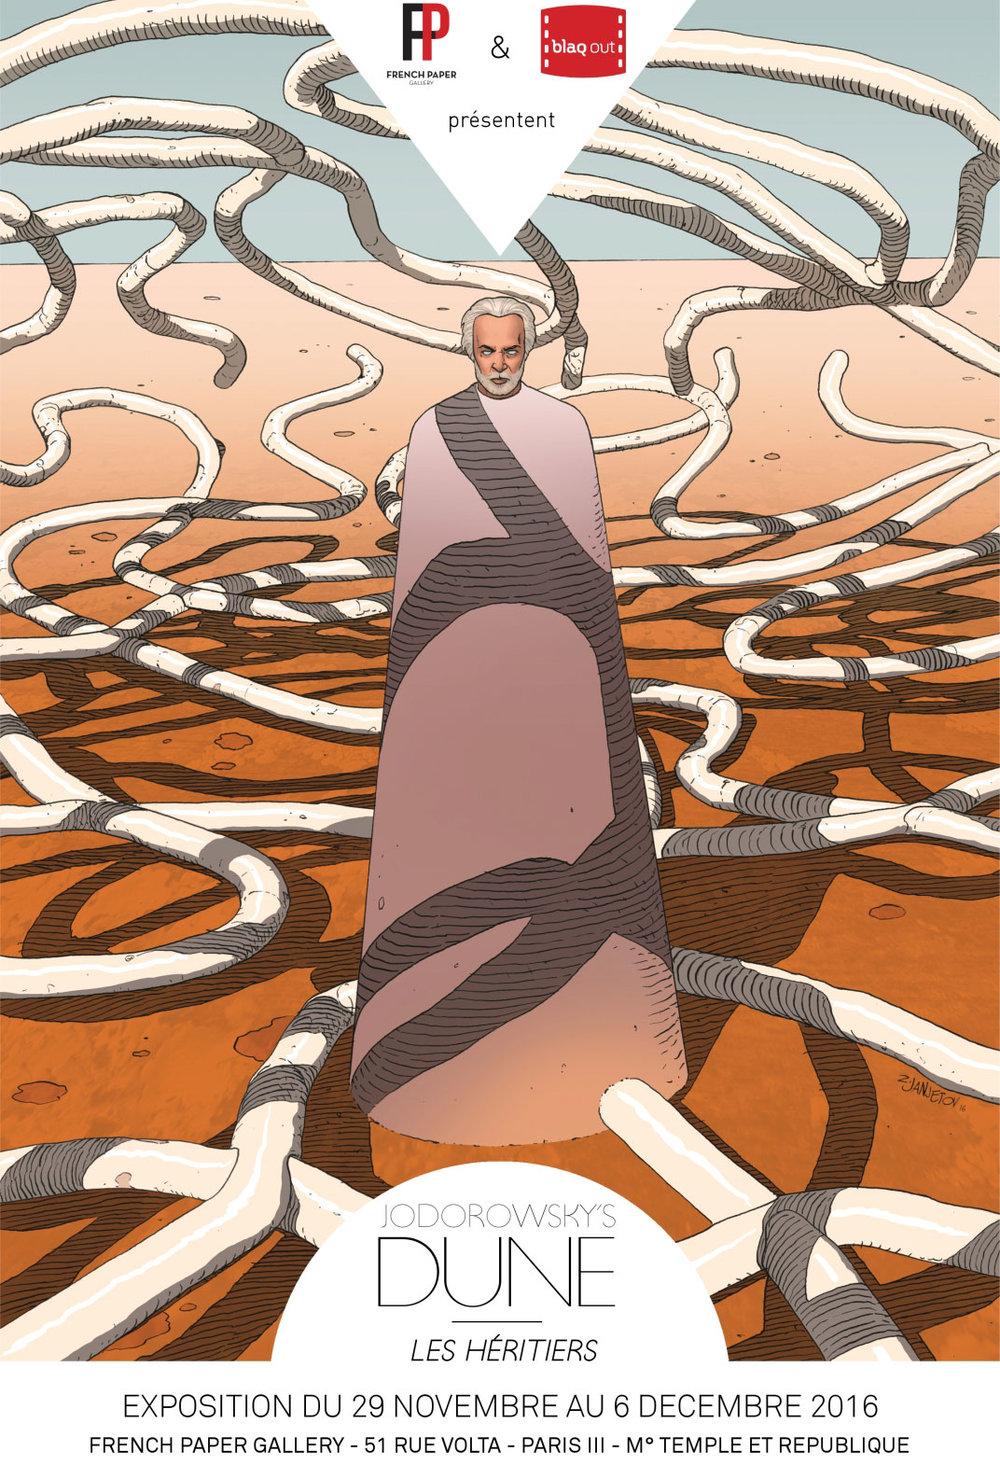 Jodorowskys-Dune-Exhibition.jpg